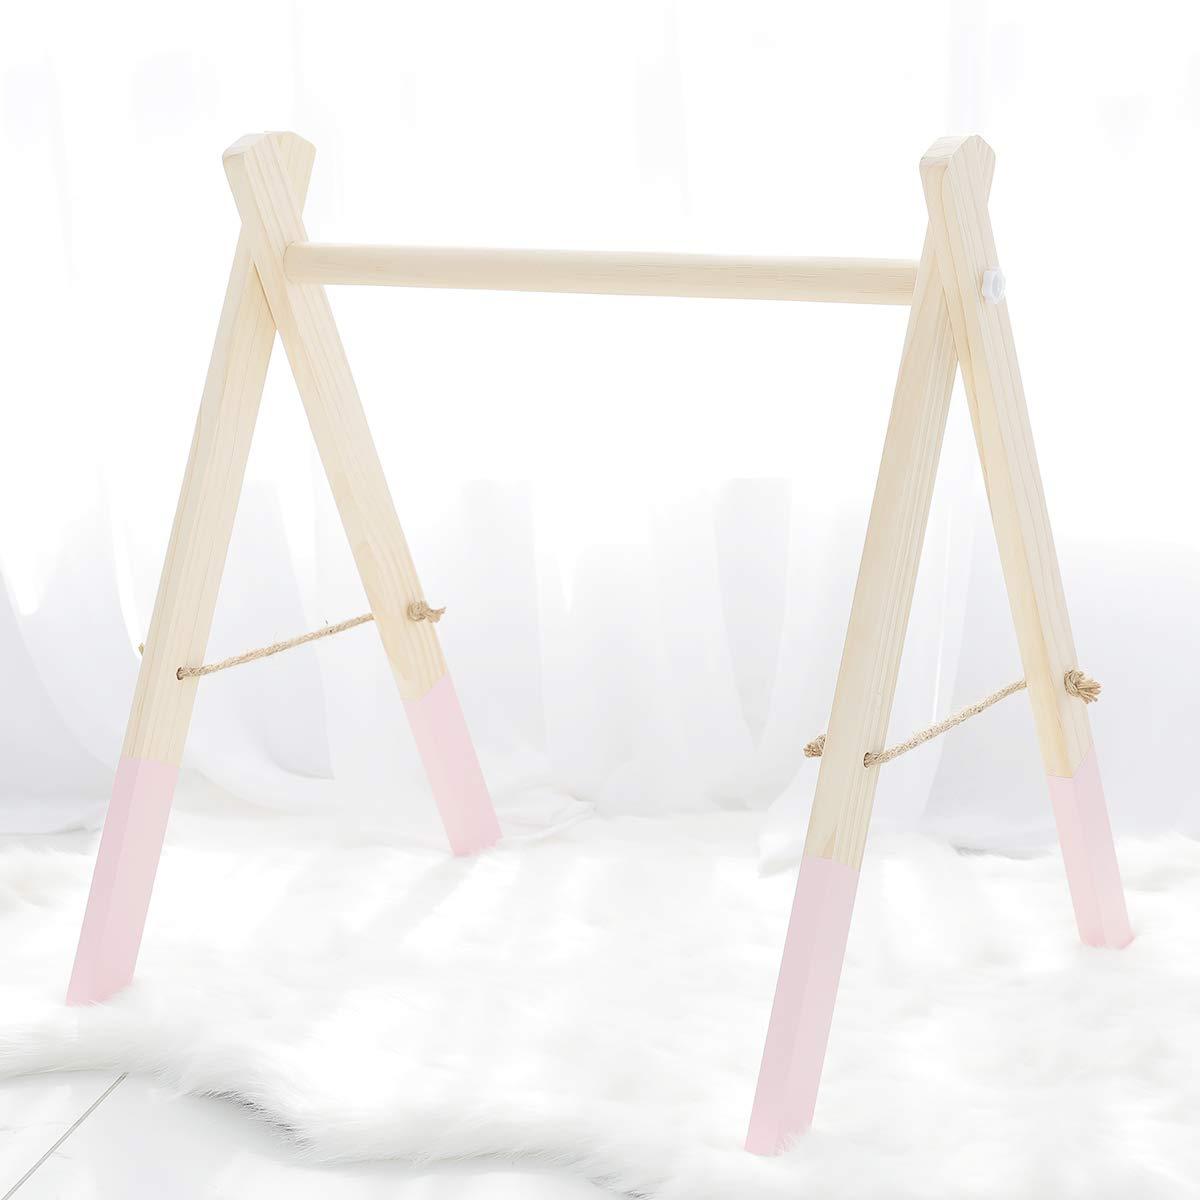 Mamimami Home Jouet en bois pour tout-petits Activité Accessoires de jouets de gymnastique Jouets bébé Montessori Nursery Decor Charms sensoriels Baby Gym With Or Without Gym Toys